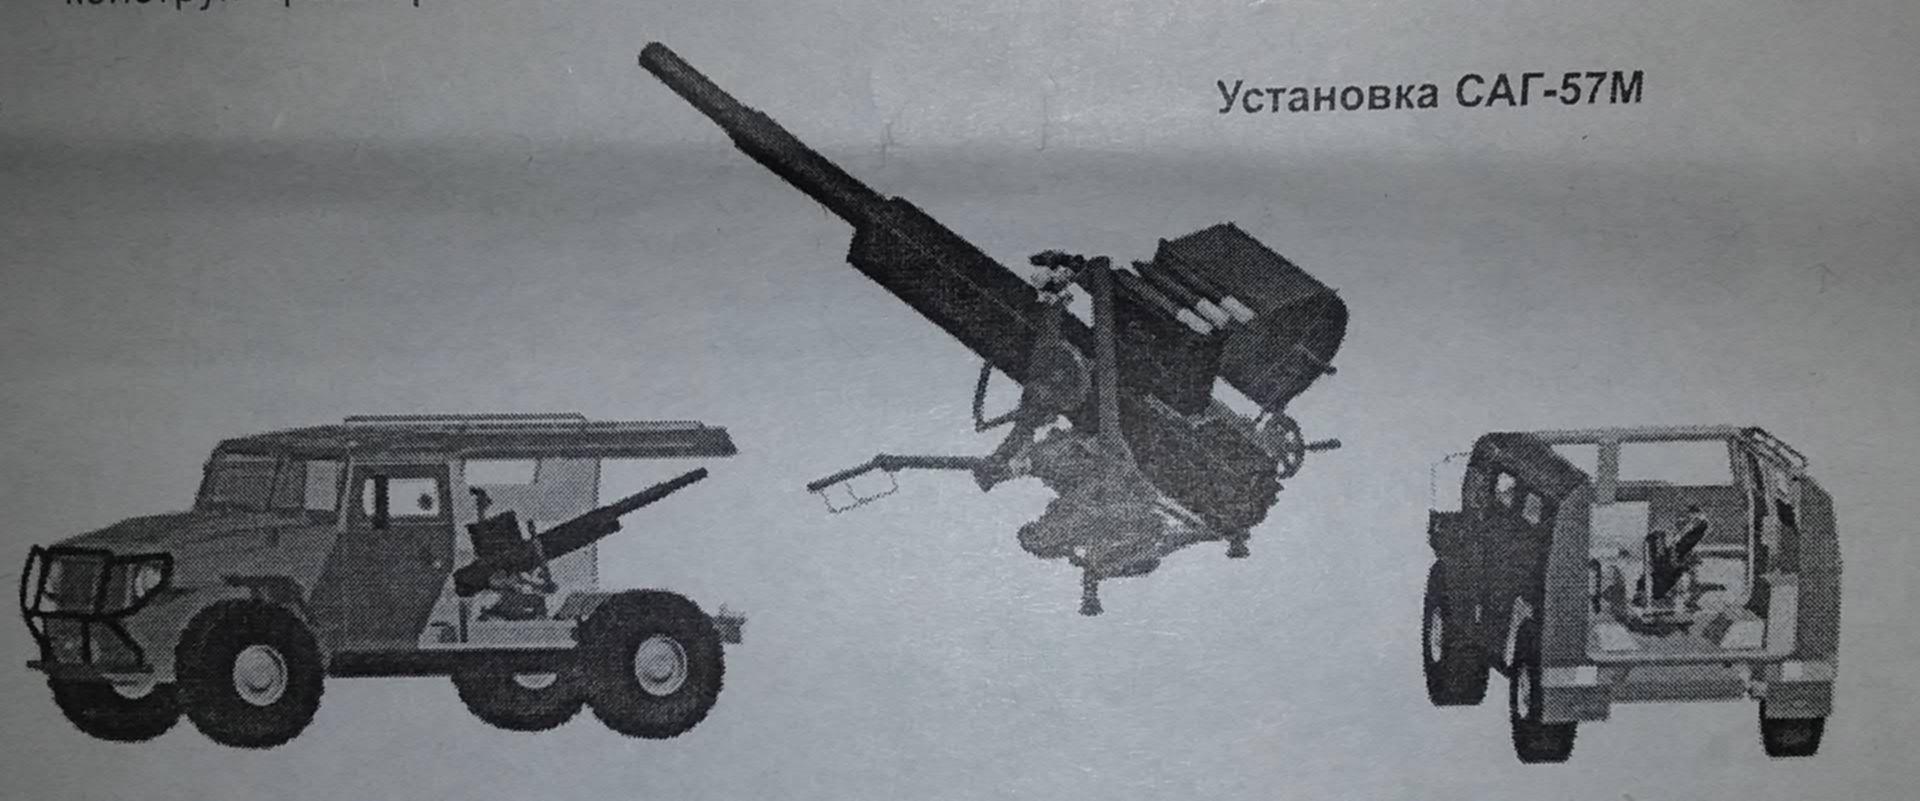 с 60 зенитное орудие